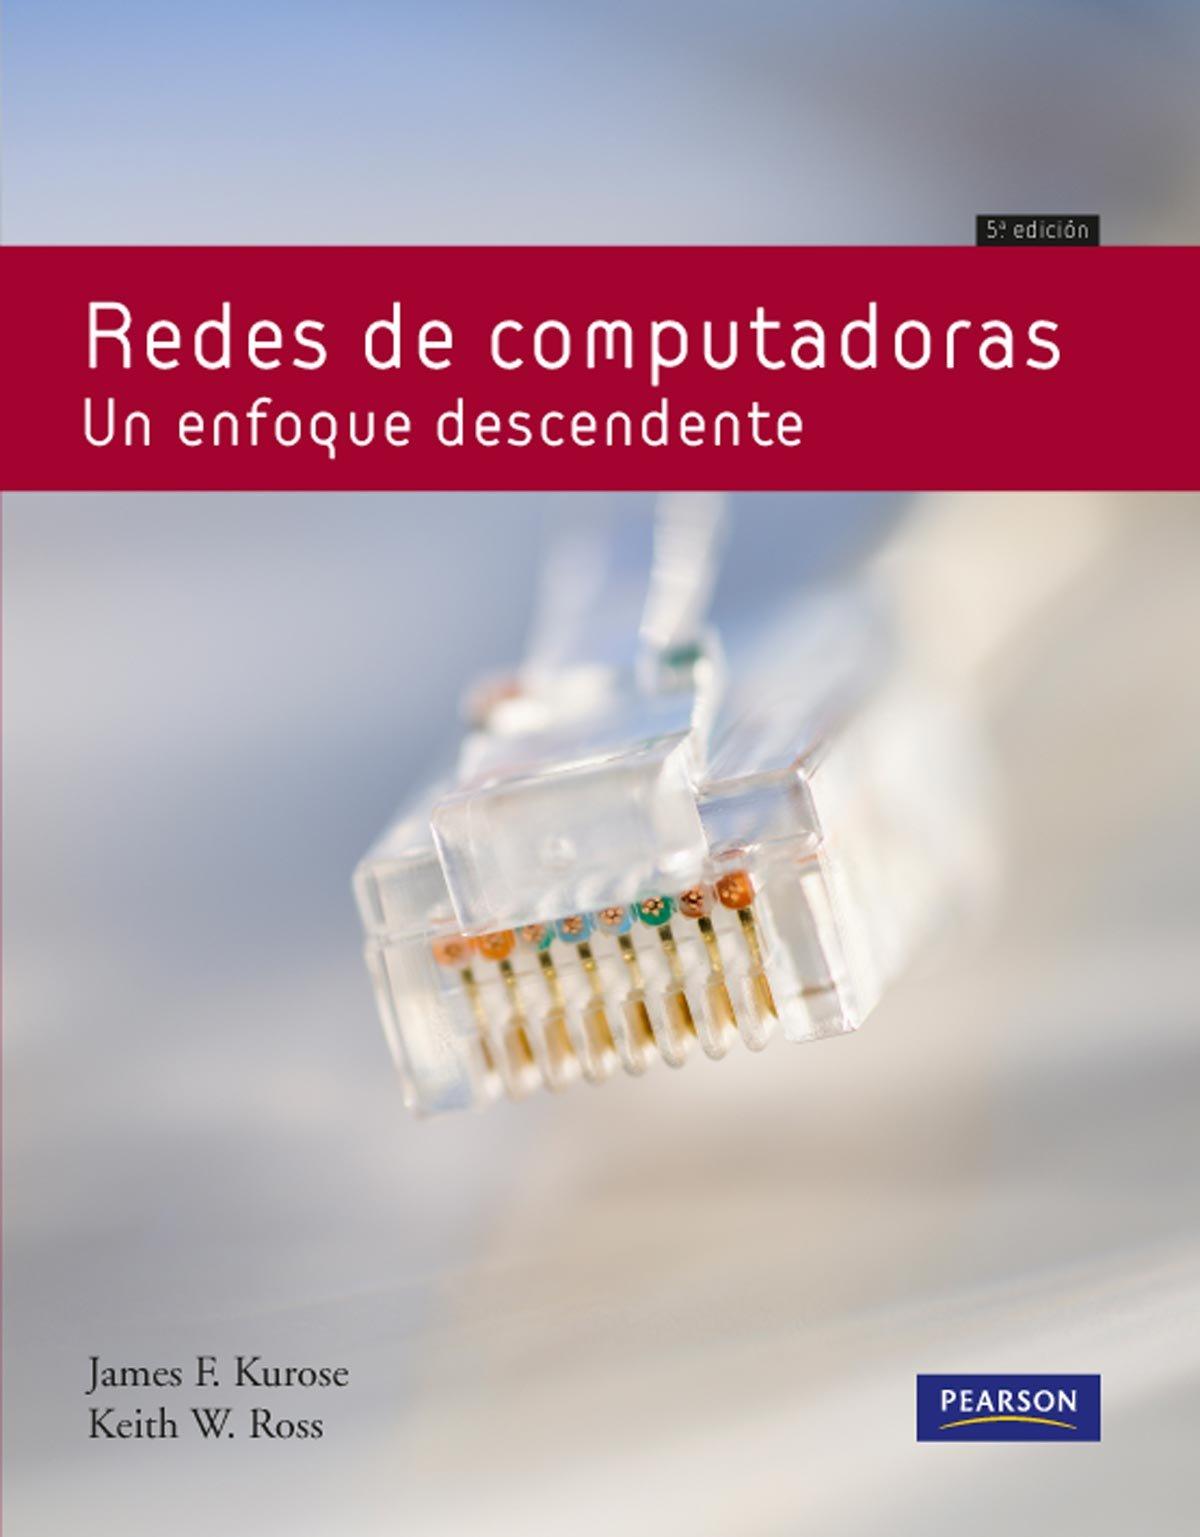 Redes de computadoras: Amazon.es: Kurose, Ross: Libros